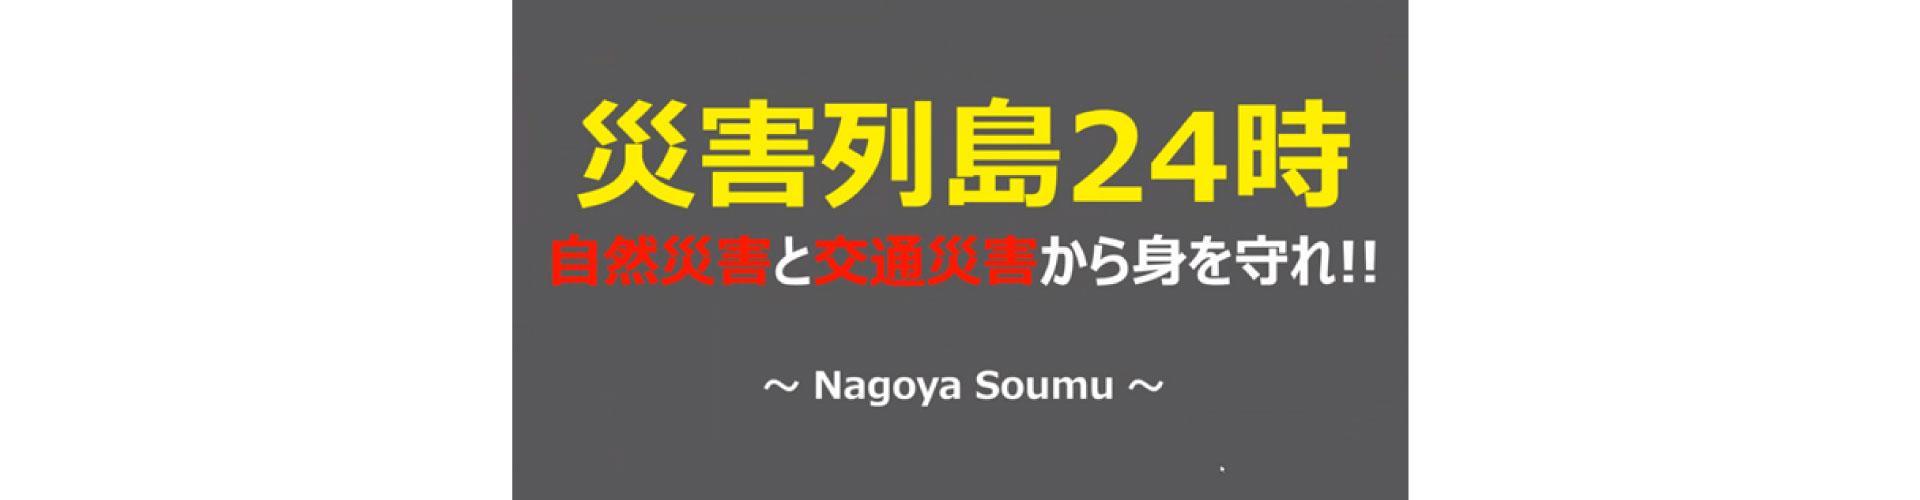 5_災害列島24時.jpg